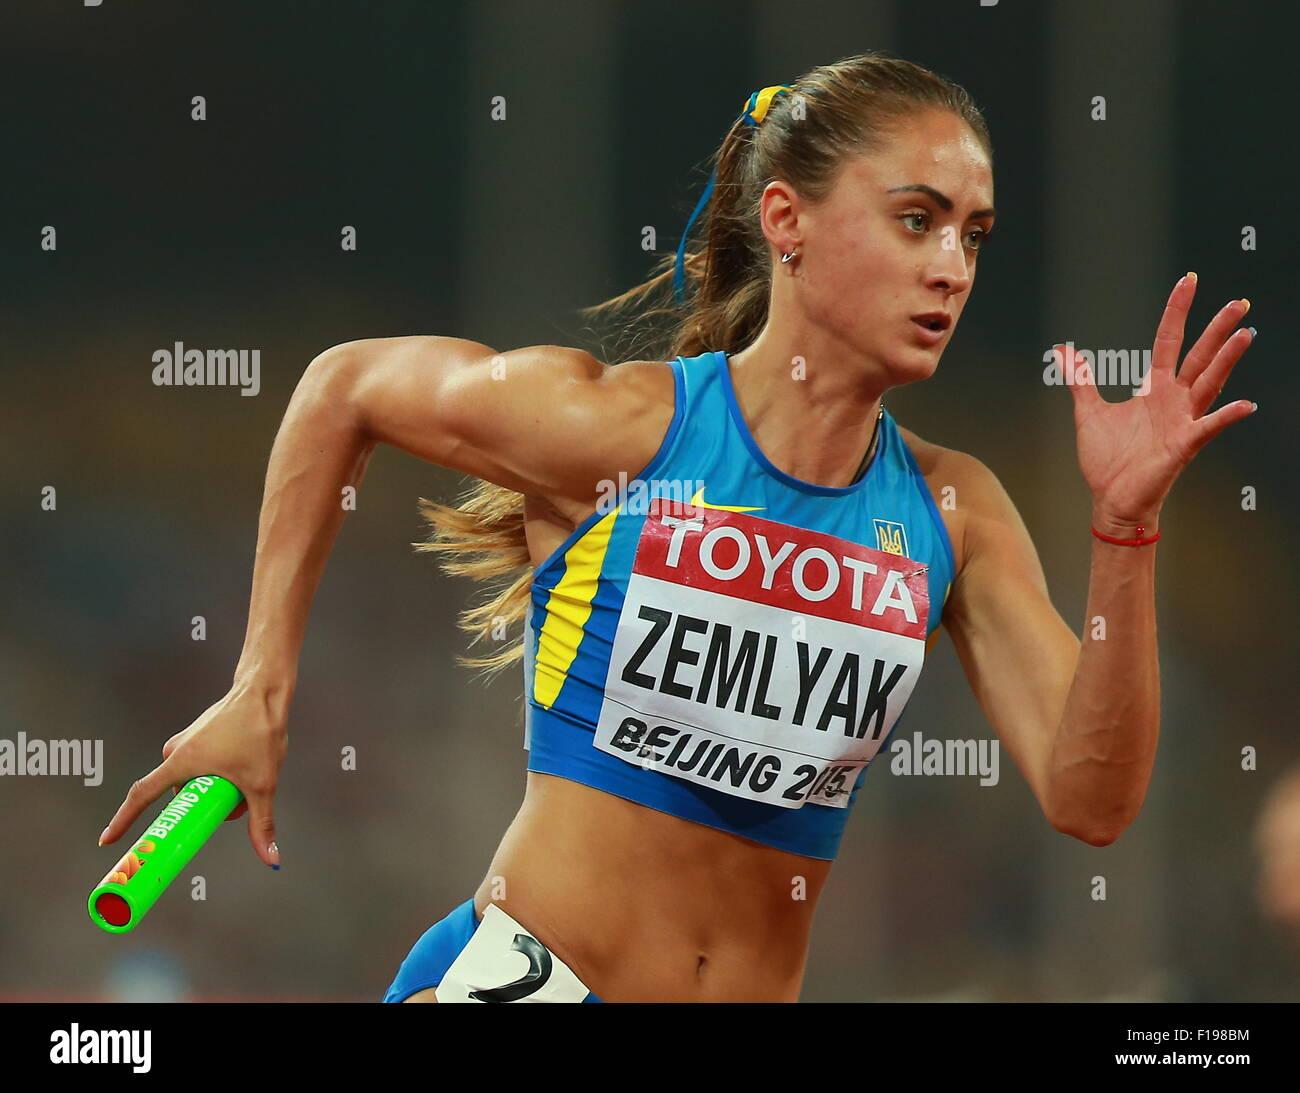 BEIJING, CHINA. El 30 de agosto de 2015. Ucrania Zemlyak Olha compite en el Women's 4x400m relevos final el Imagen De Stock